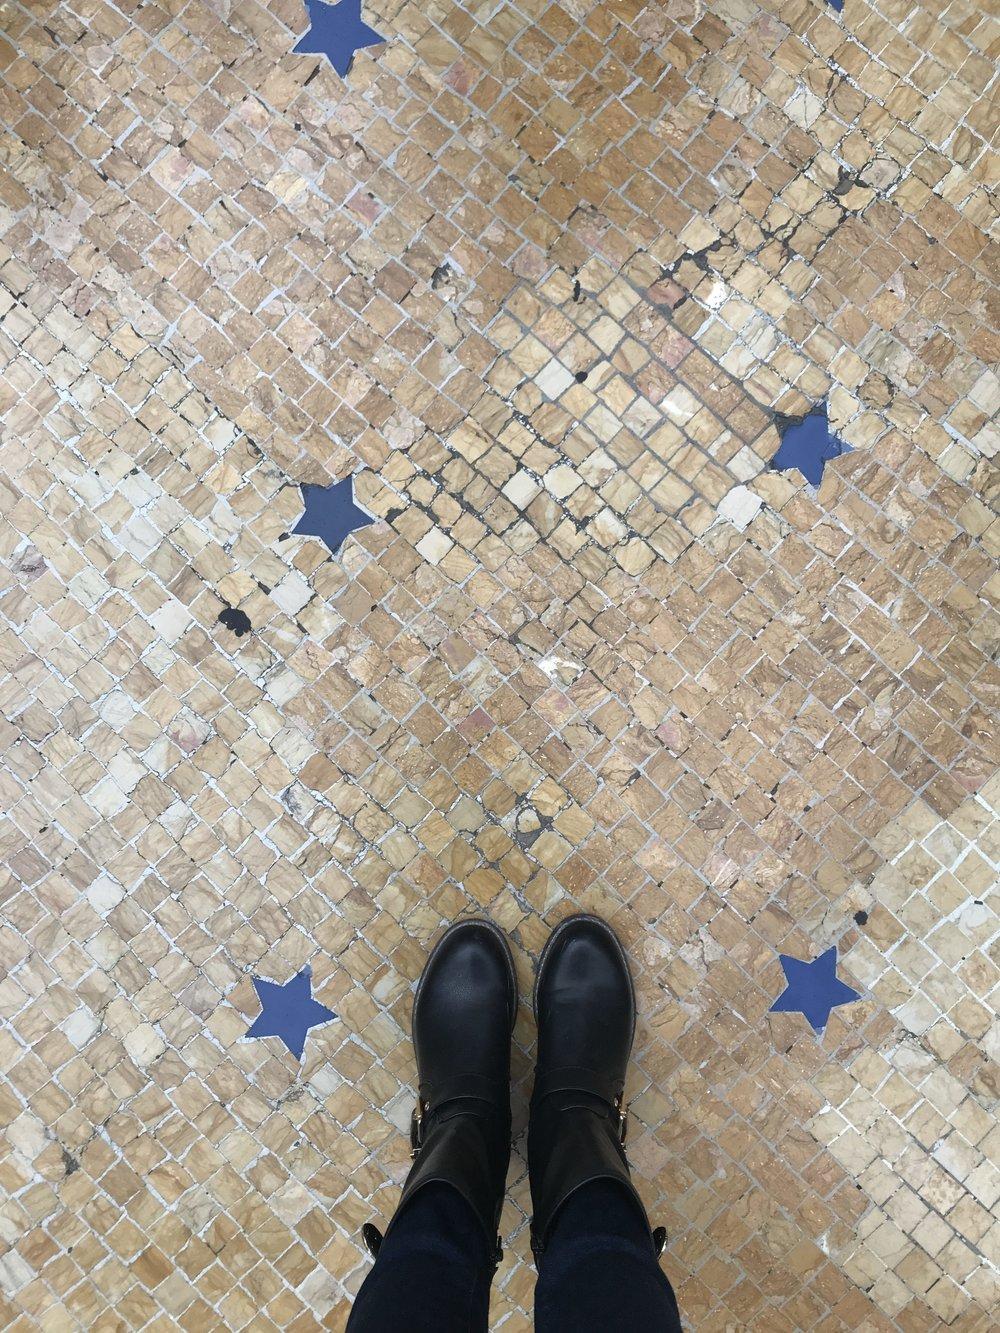 Tiles at Milan's Galleria